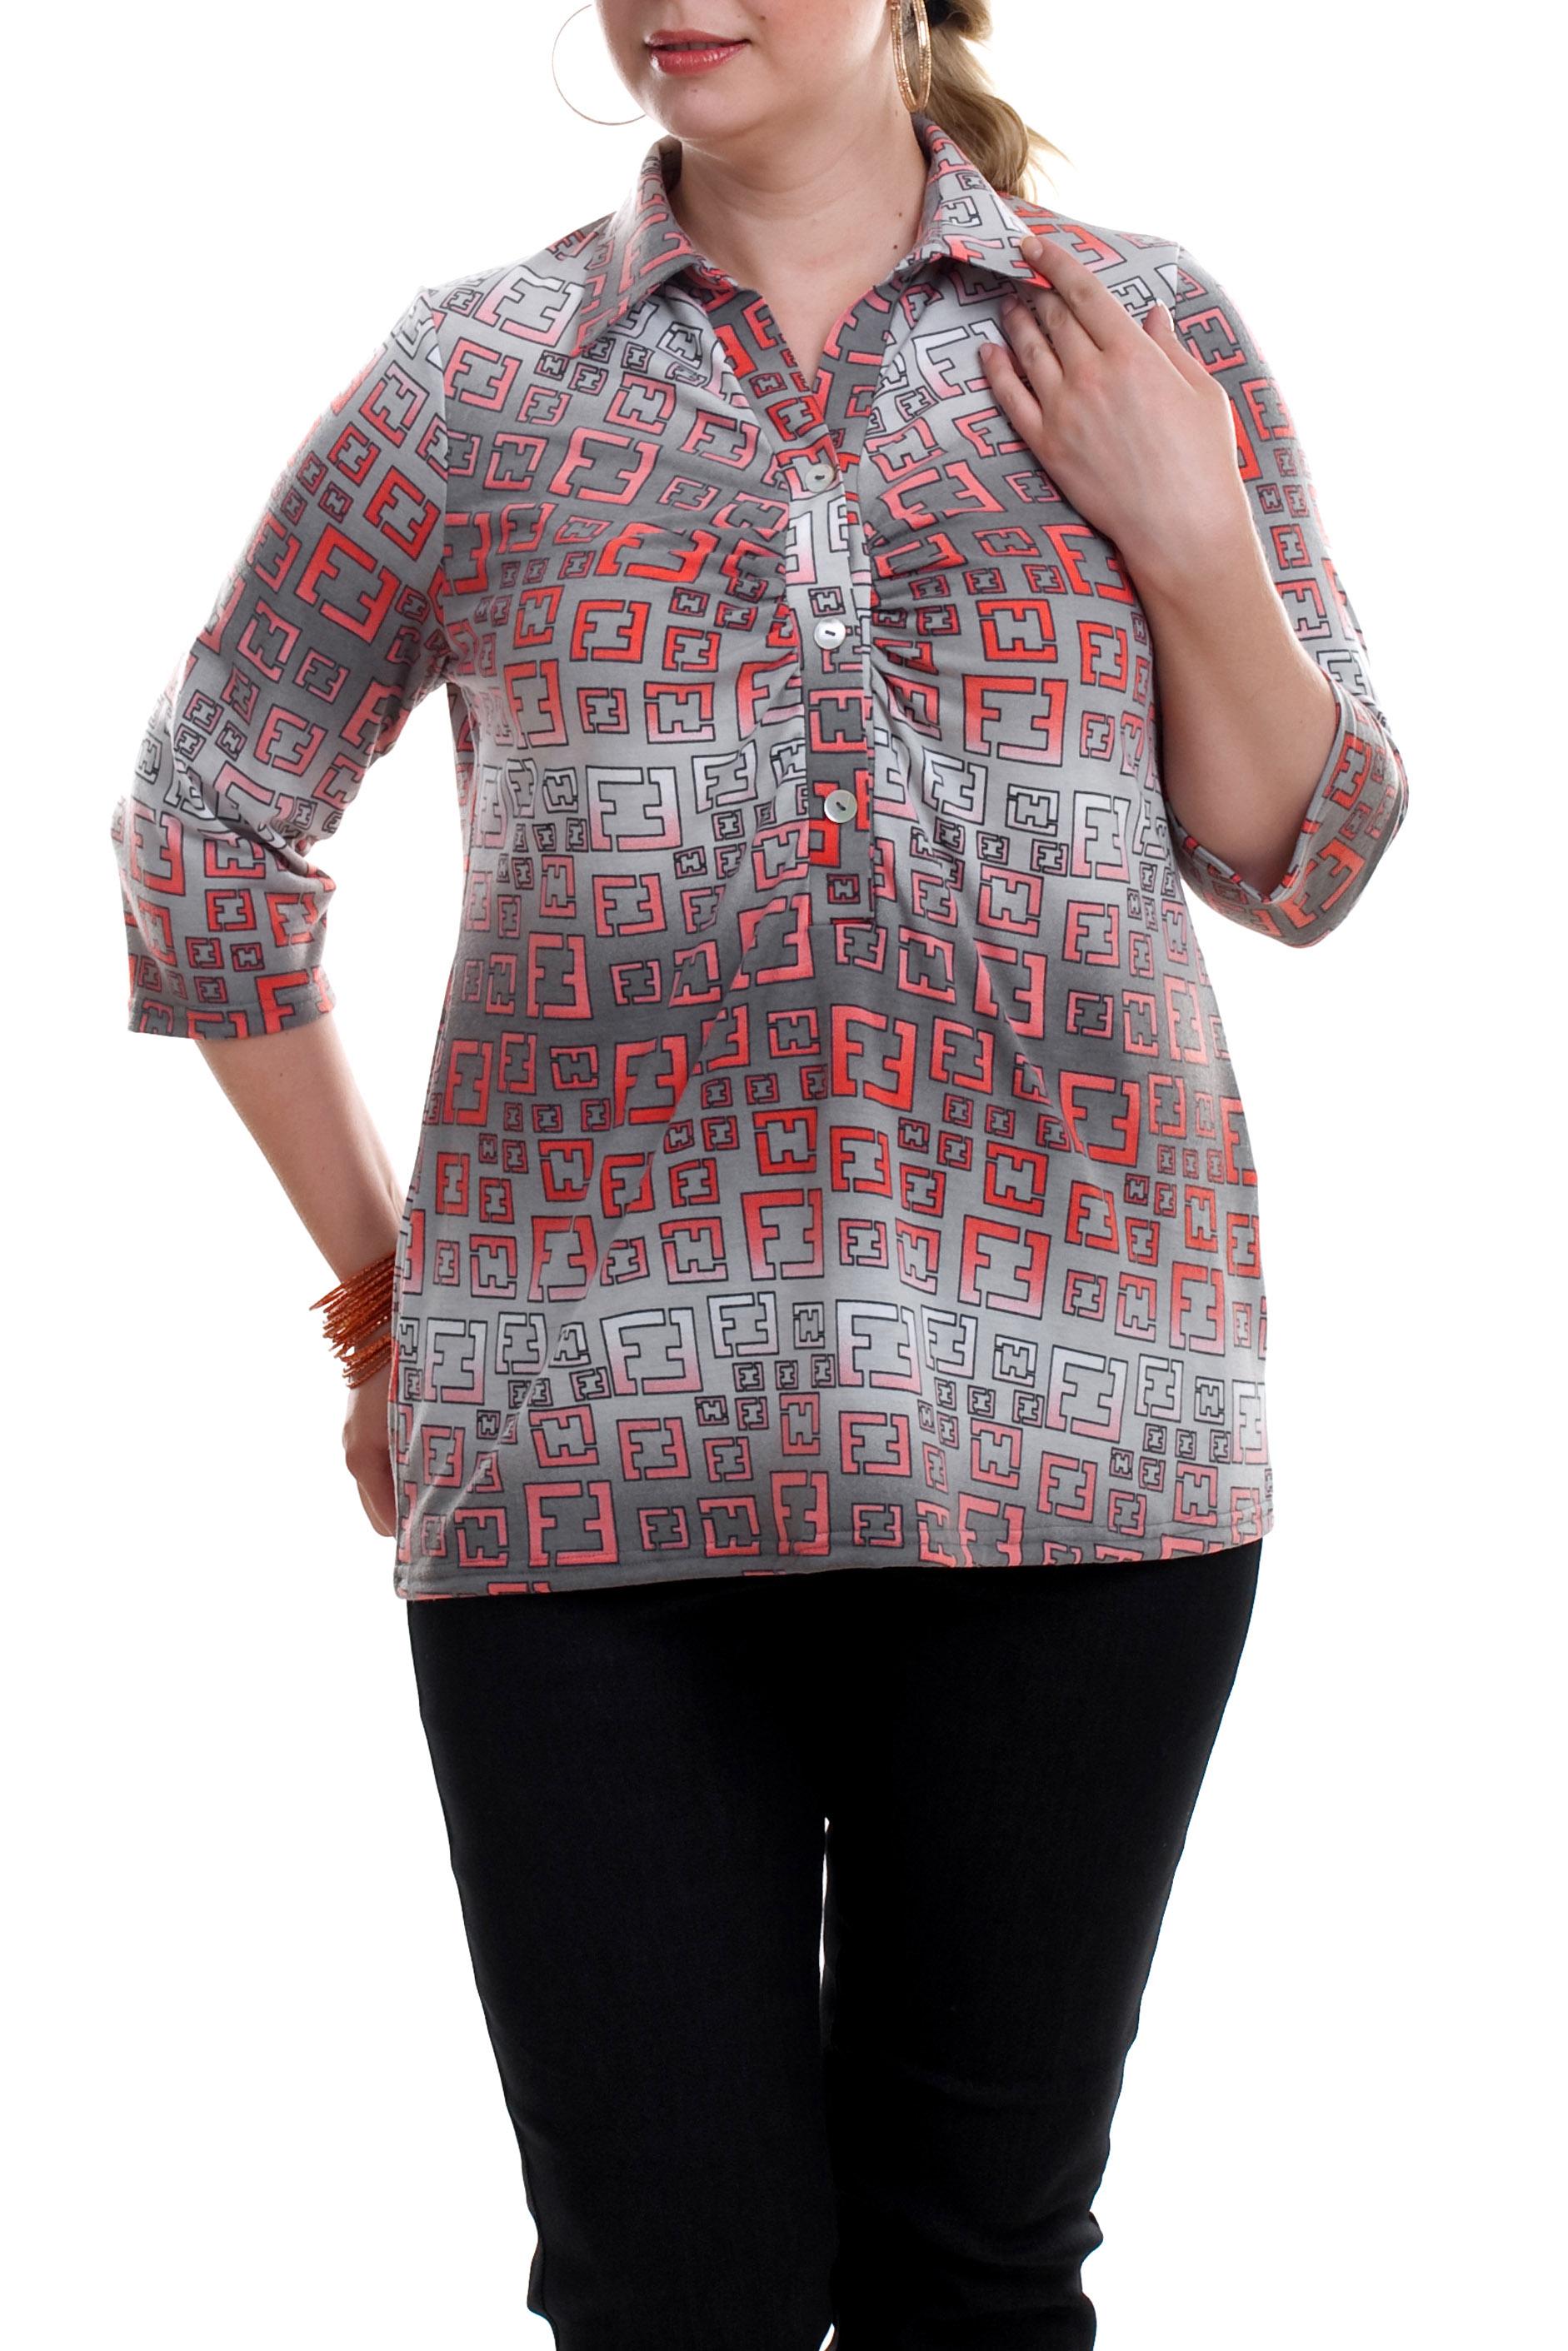 БлузкаБлузки<br>Цветная блузка с рубашечным воротником и рукавами 3/4. Модель выполнена из приятного трикотажа. Отличный выбор для любого случая.  В изделии использованы цвета: серый, коралловый, белый.  Рост девушки-фотомодели 173 см<br><br>Воротник: Рубашечный<br>Горловина: V- горловина<br>Застежка: С пуговицами<br>По материалу: Вискоза,Трикотаж<br>По рисунку: С принтом,Цветные<br>По сезону: Весна,Зима,Лето,Осень,Всесезон<br>По силуэту: Полуприталенные<br>По стилю: Повседневный стиль<br>Рукав: Рукав три четверти<br>Размер : 52,54,56,70<br>Материал: Трикотаж<br>Количество в наличии: 4